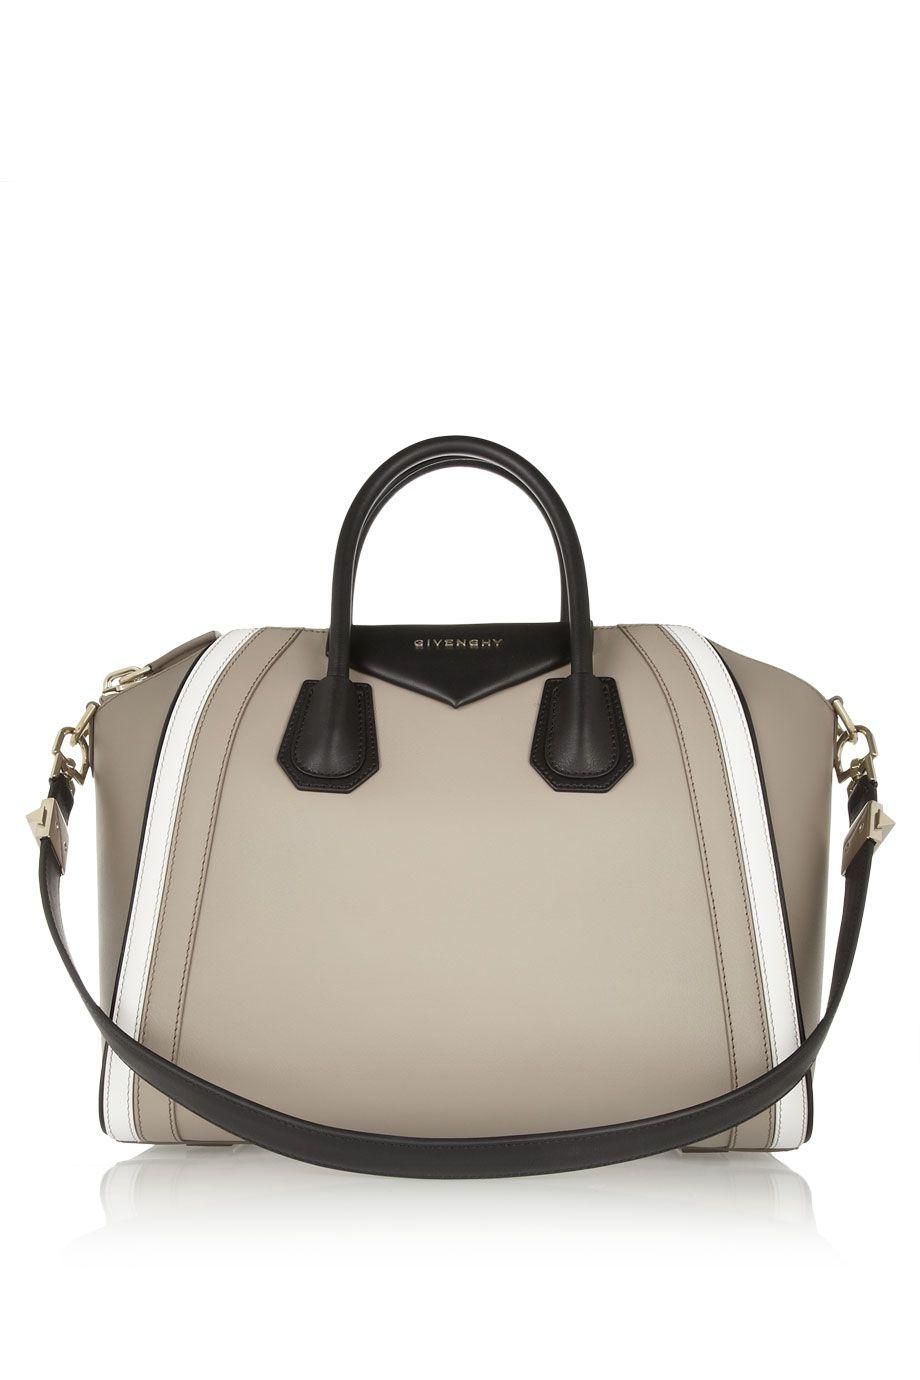 4b903d42fa9 Givenchy   Medium Antigona bag in beige, white and black leather   NET-A -PORTER.COM